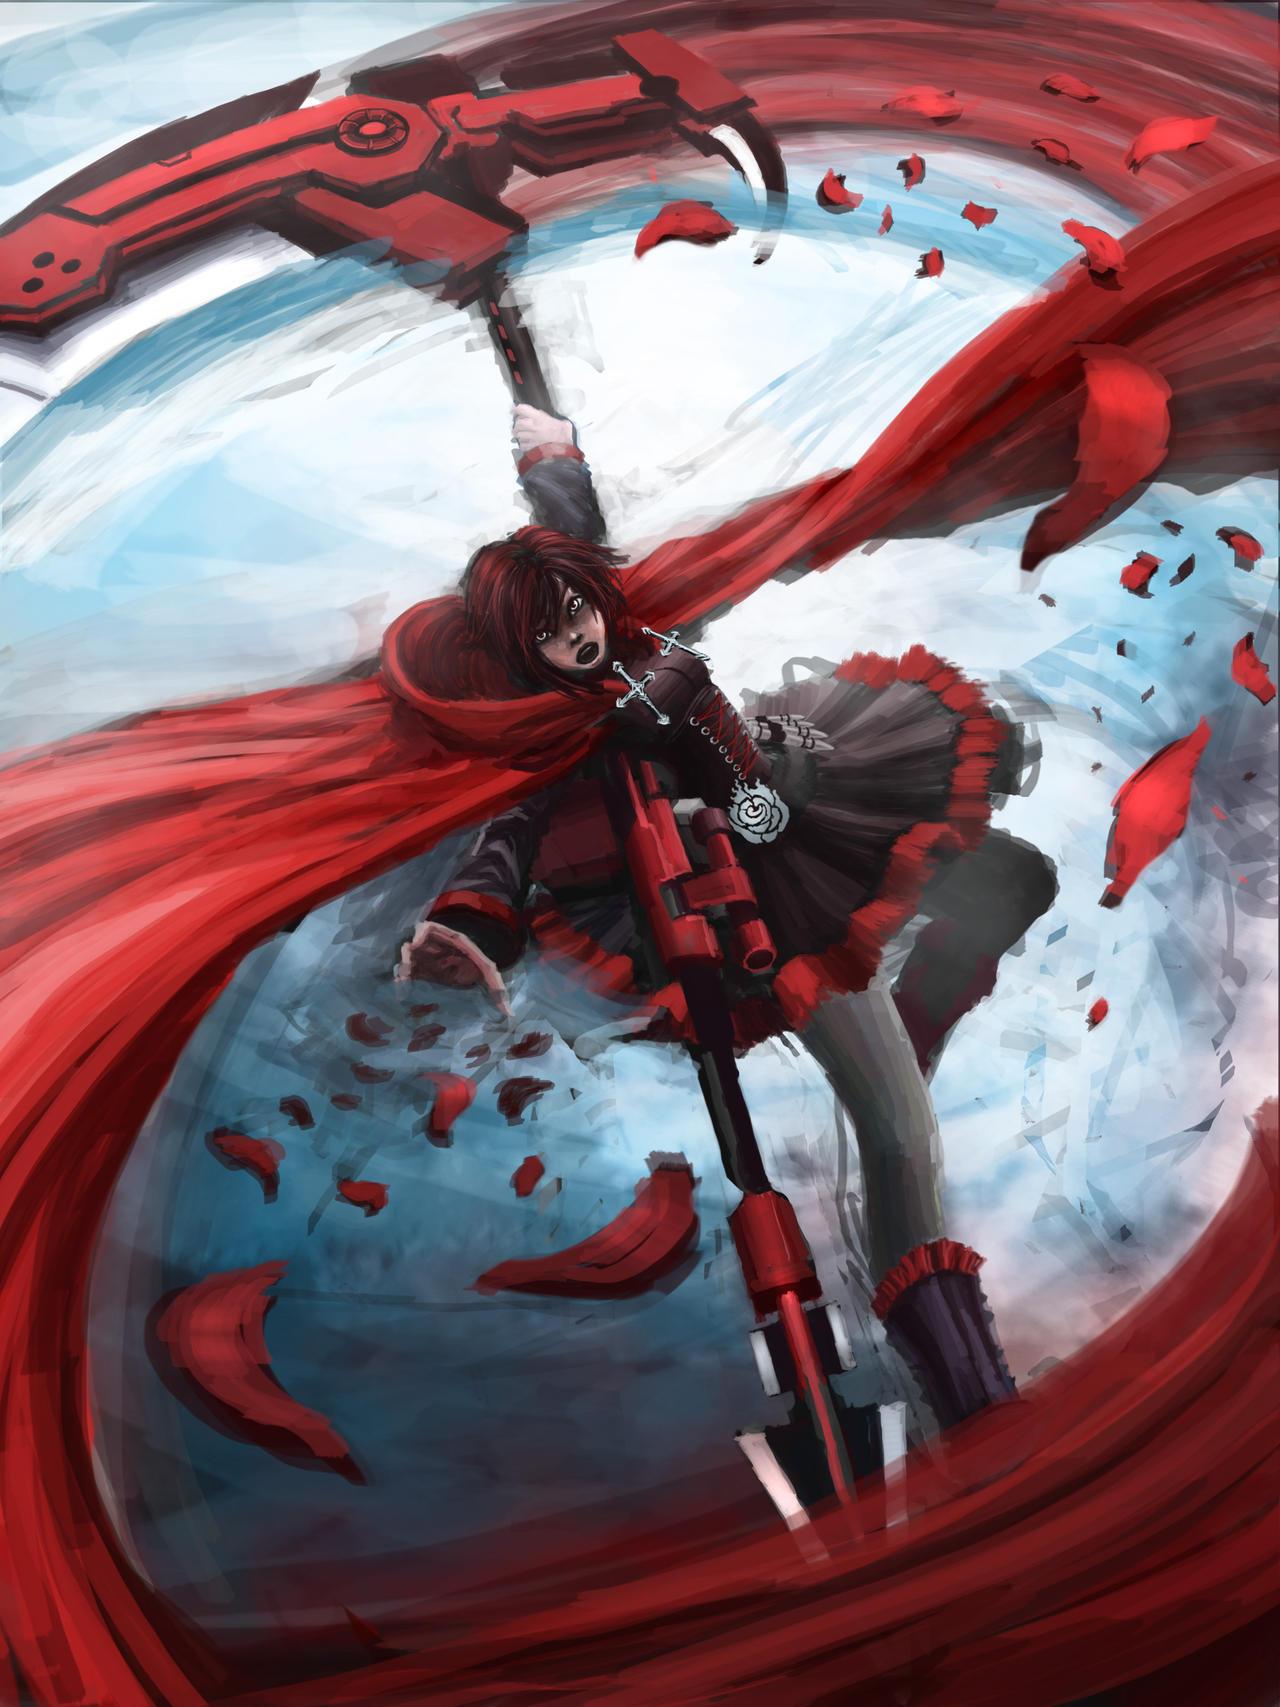 Rwby ruby rose by liewjj on deviantart - Rwby ruby rose fanart ...